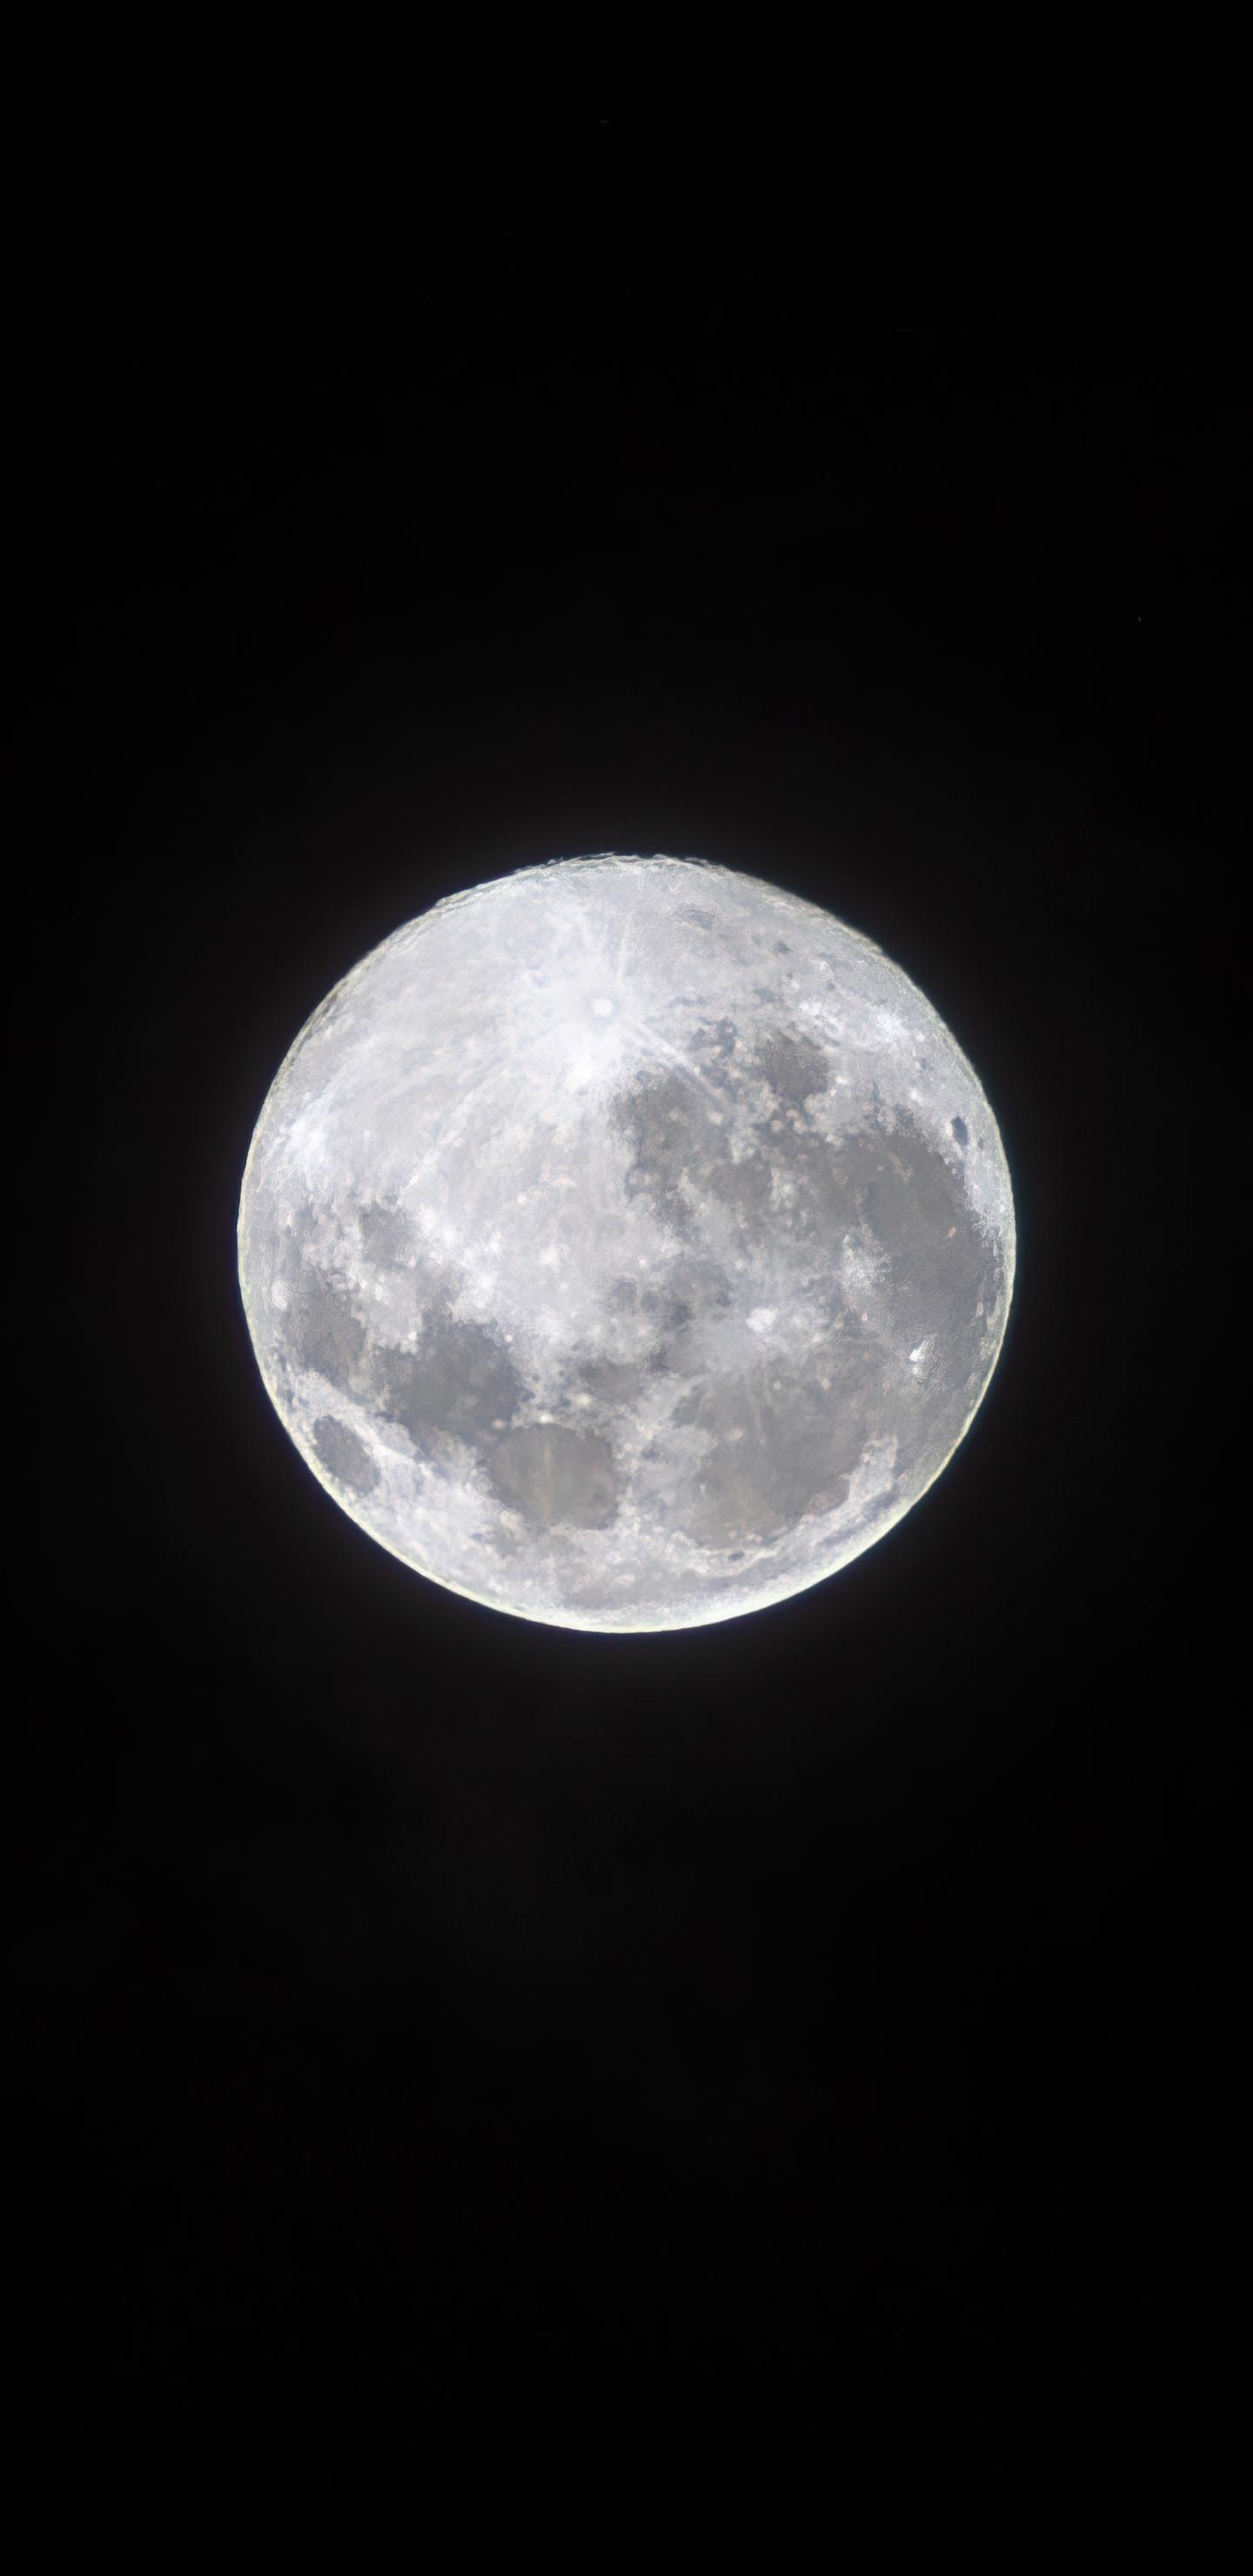 moon-dark-night-4k-ew.jpg